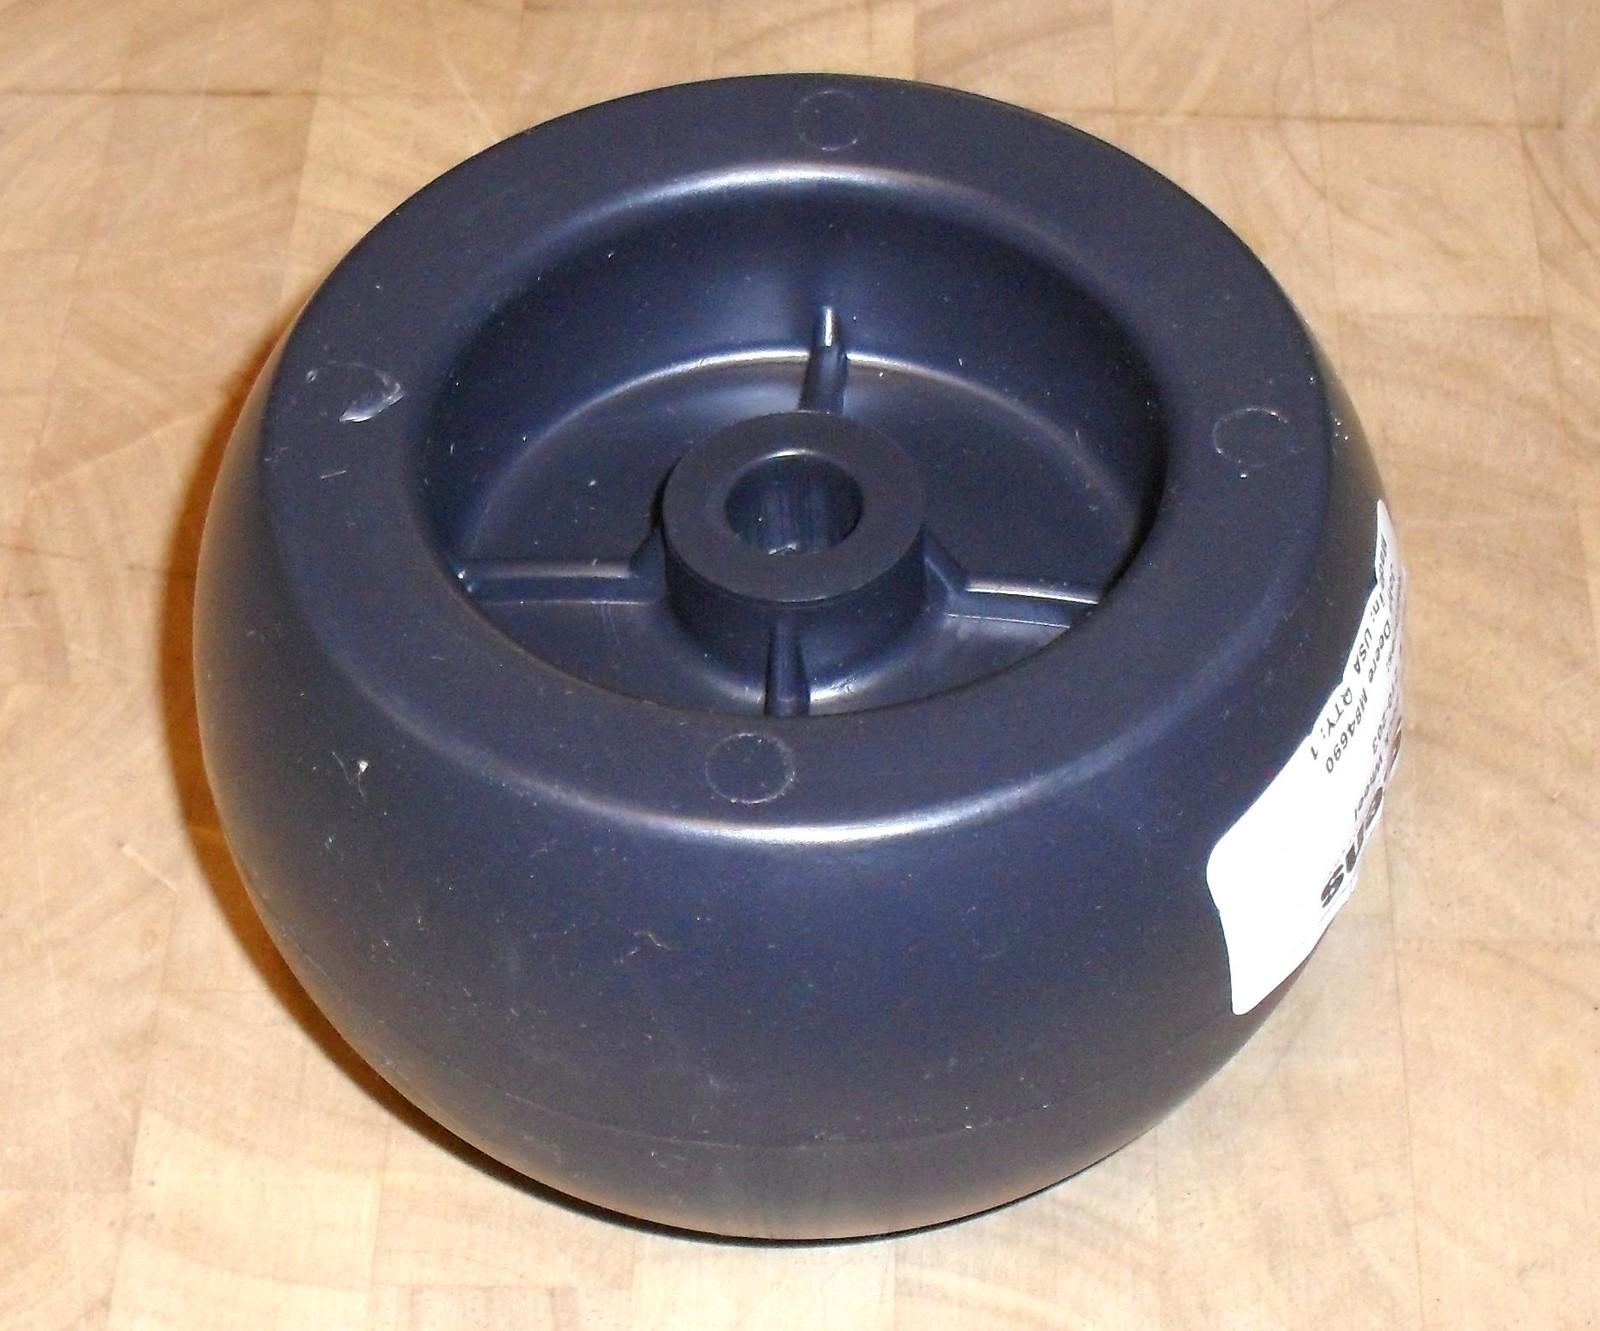 John Deere and Simplicity deck roller wheel AM116299, M84690, 1700184, 1700184SM